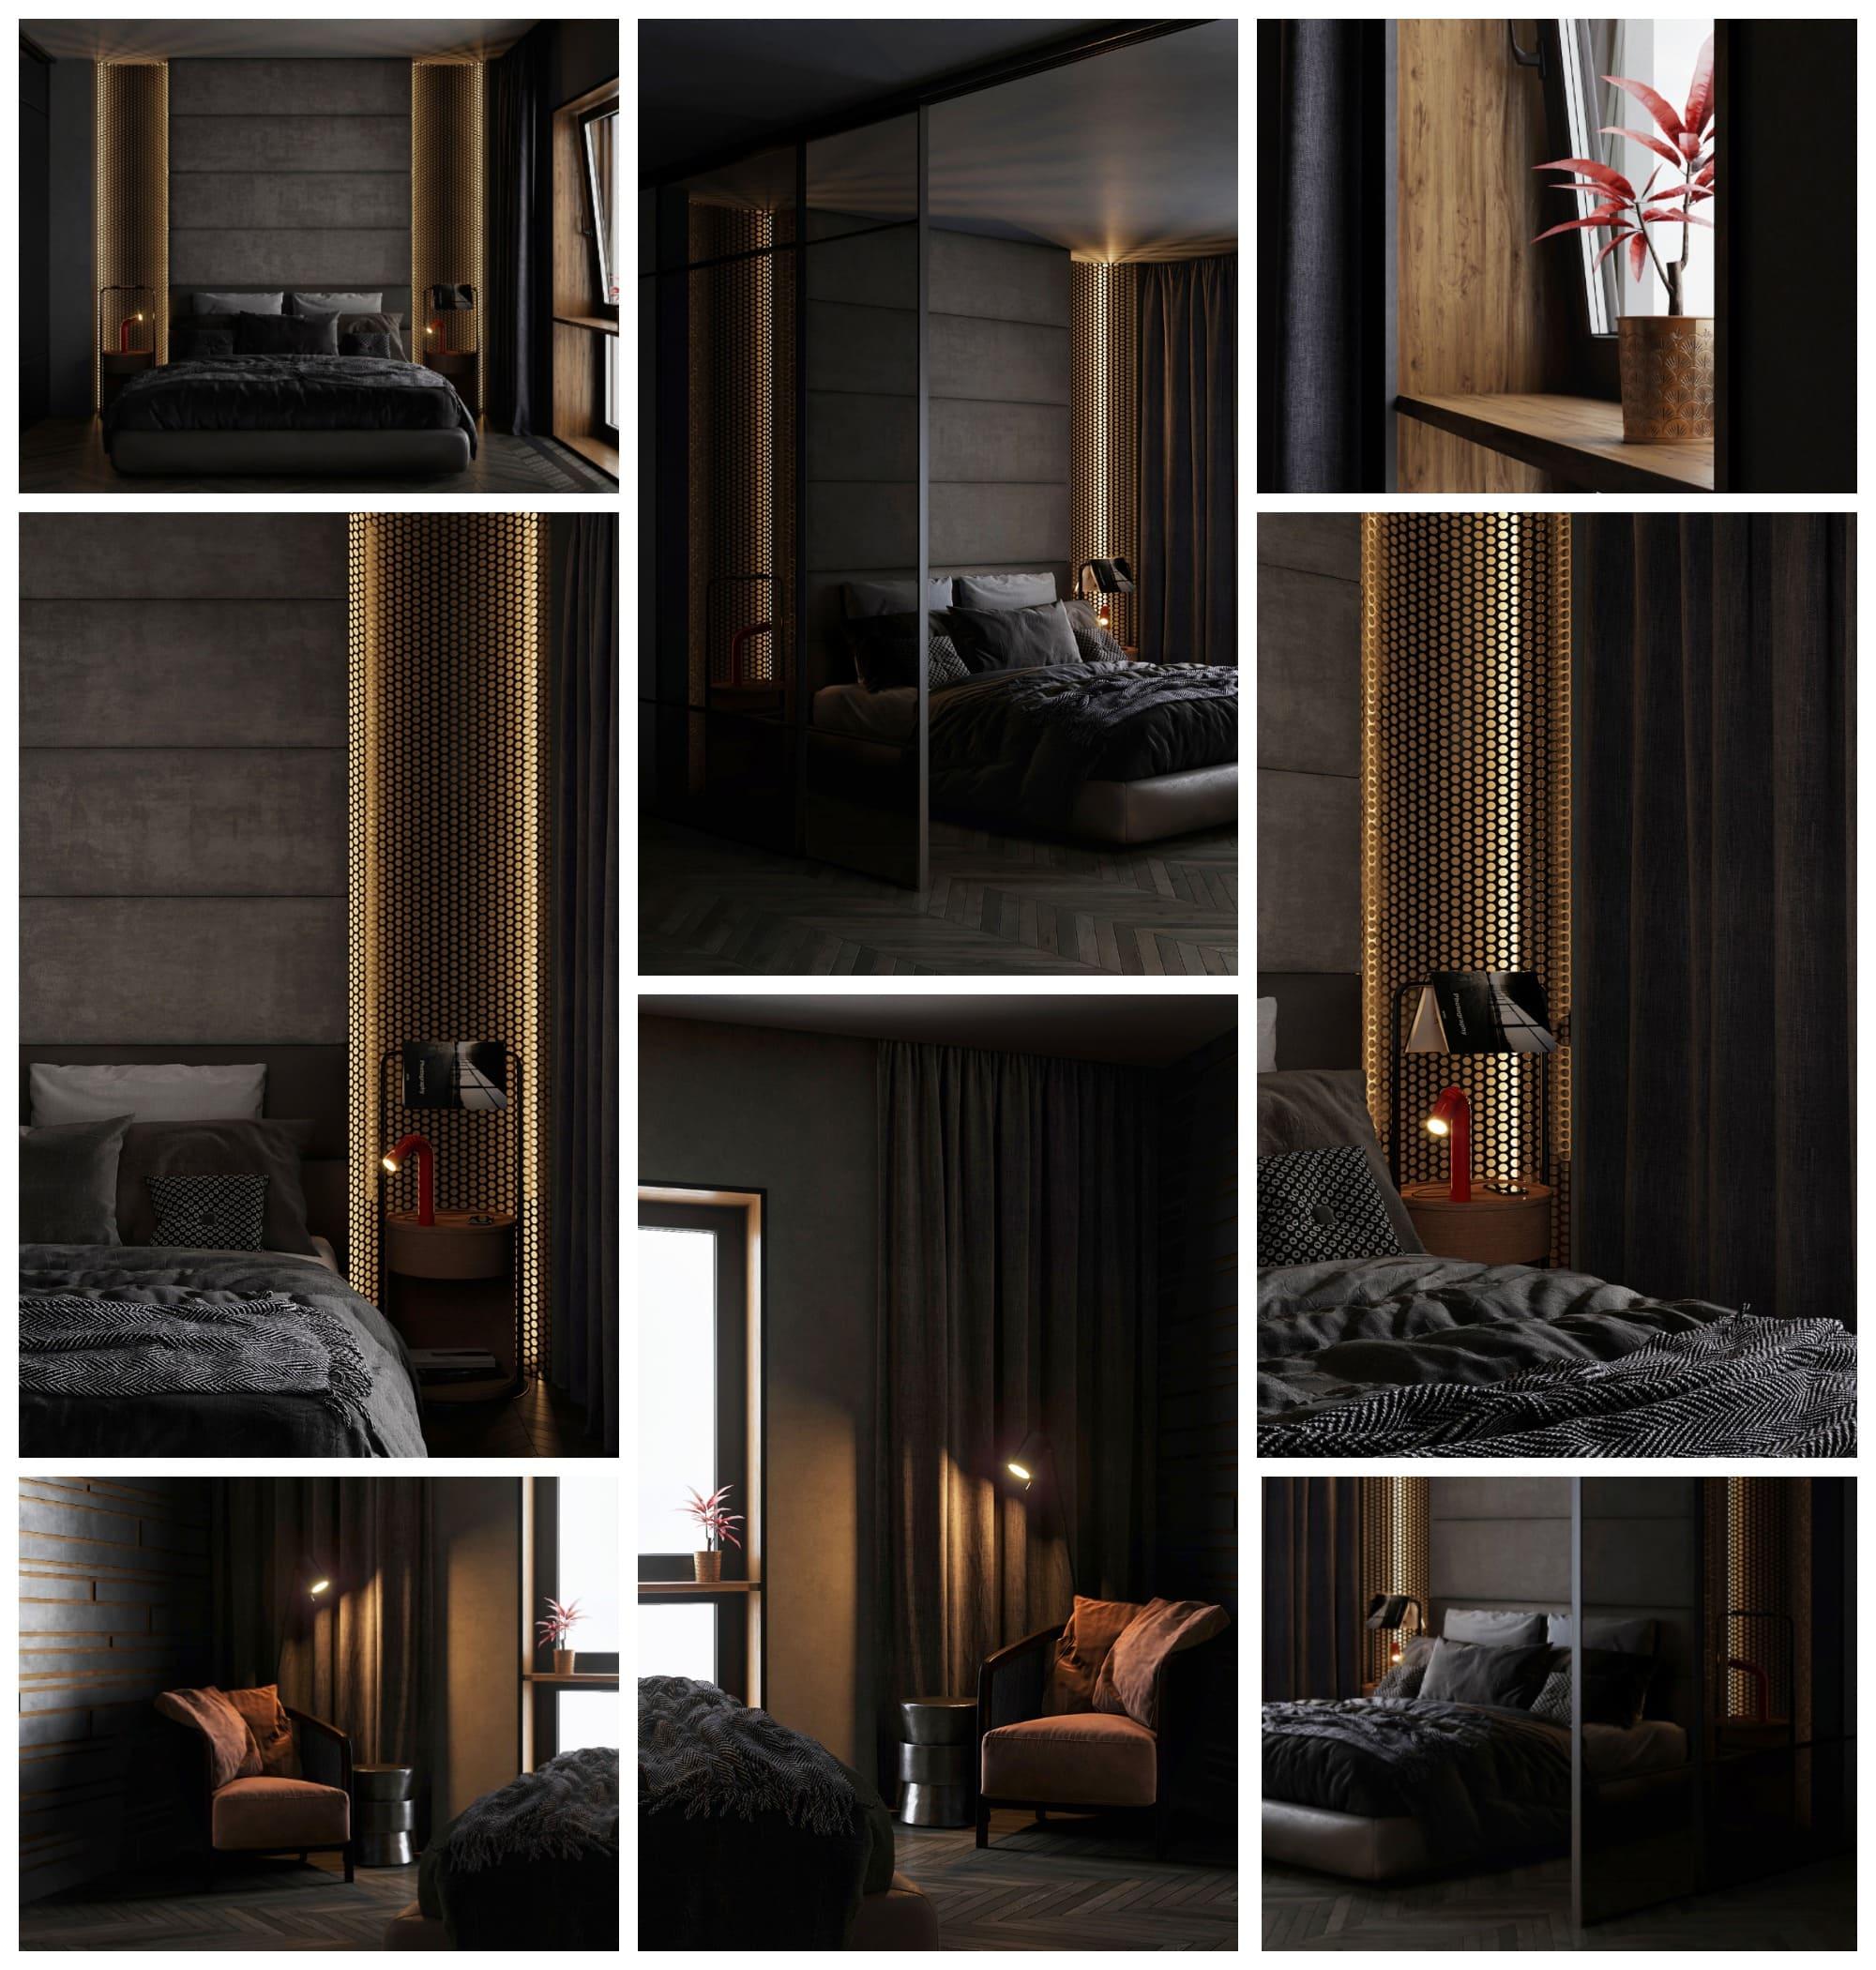 модный дизайн интерьера фото 17